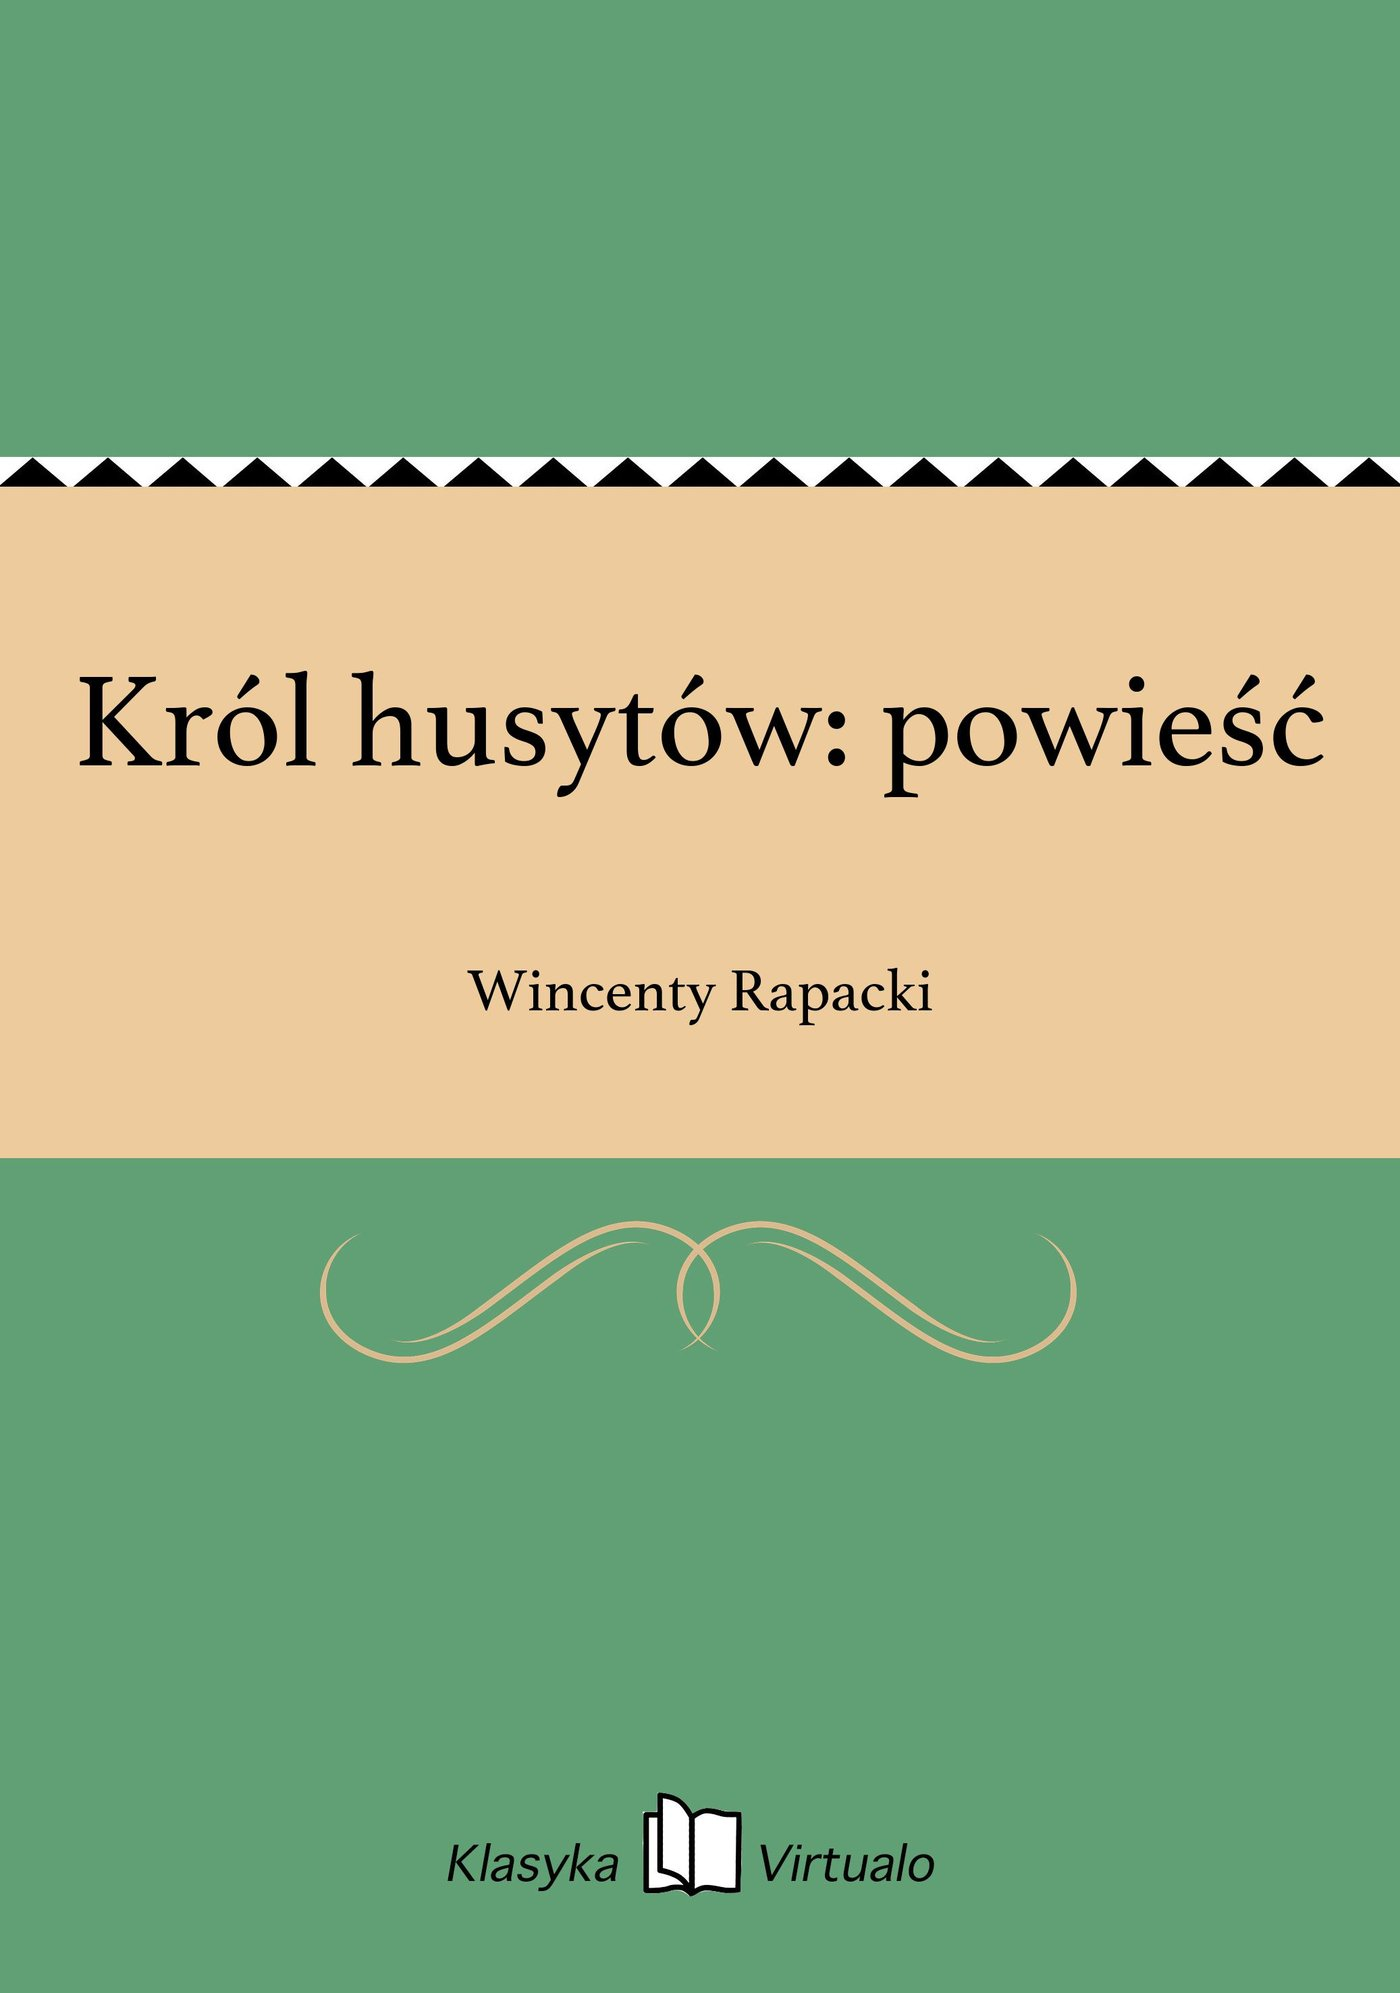 Król husytów: powieść - Ebook (Książka EPUB) do pobrania w formacie EPUB